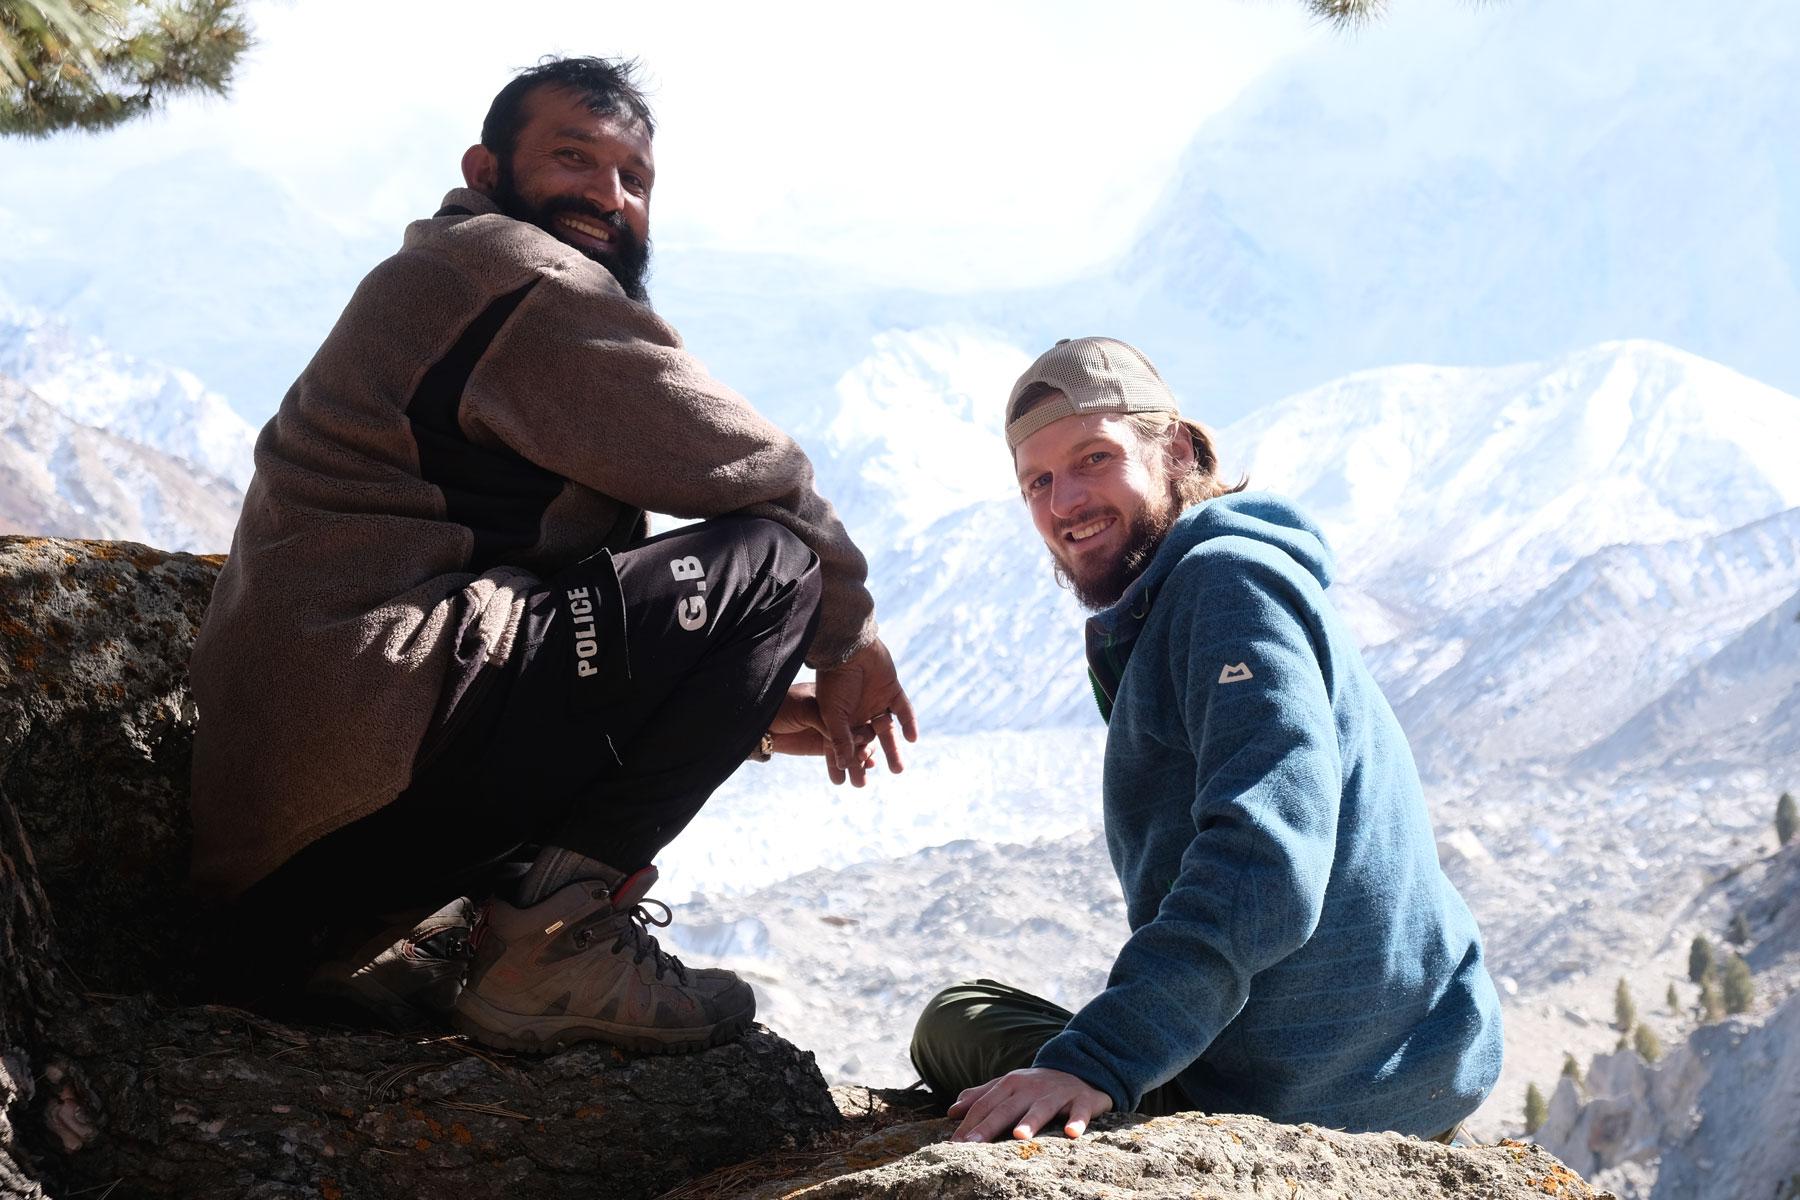 Sebastian hockt neben einem bärtigen Pakistaner.